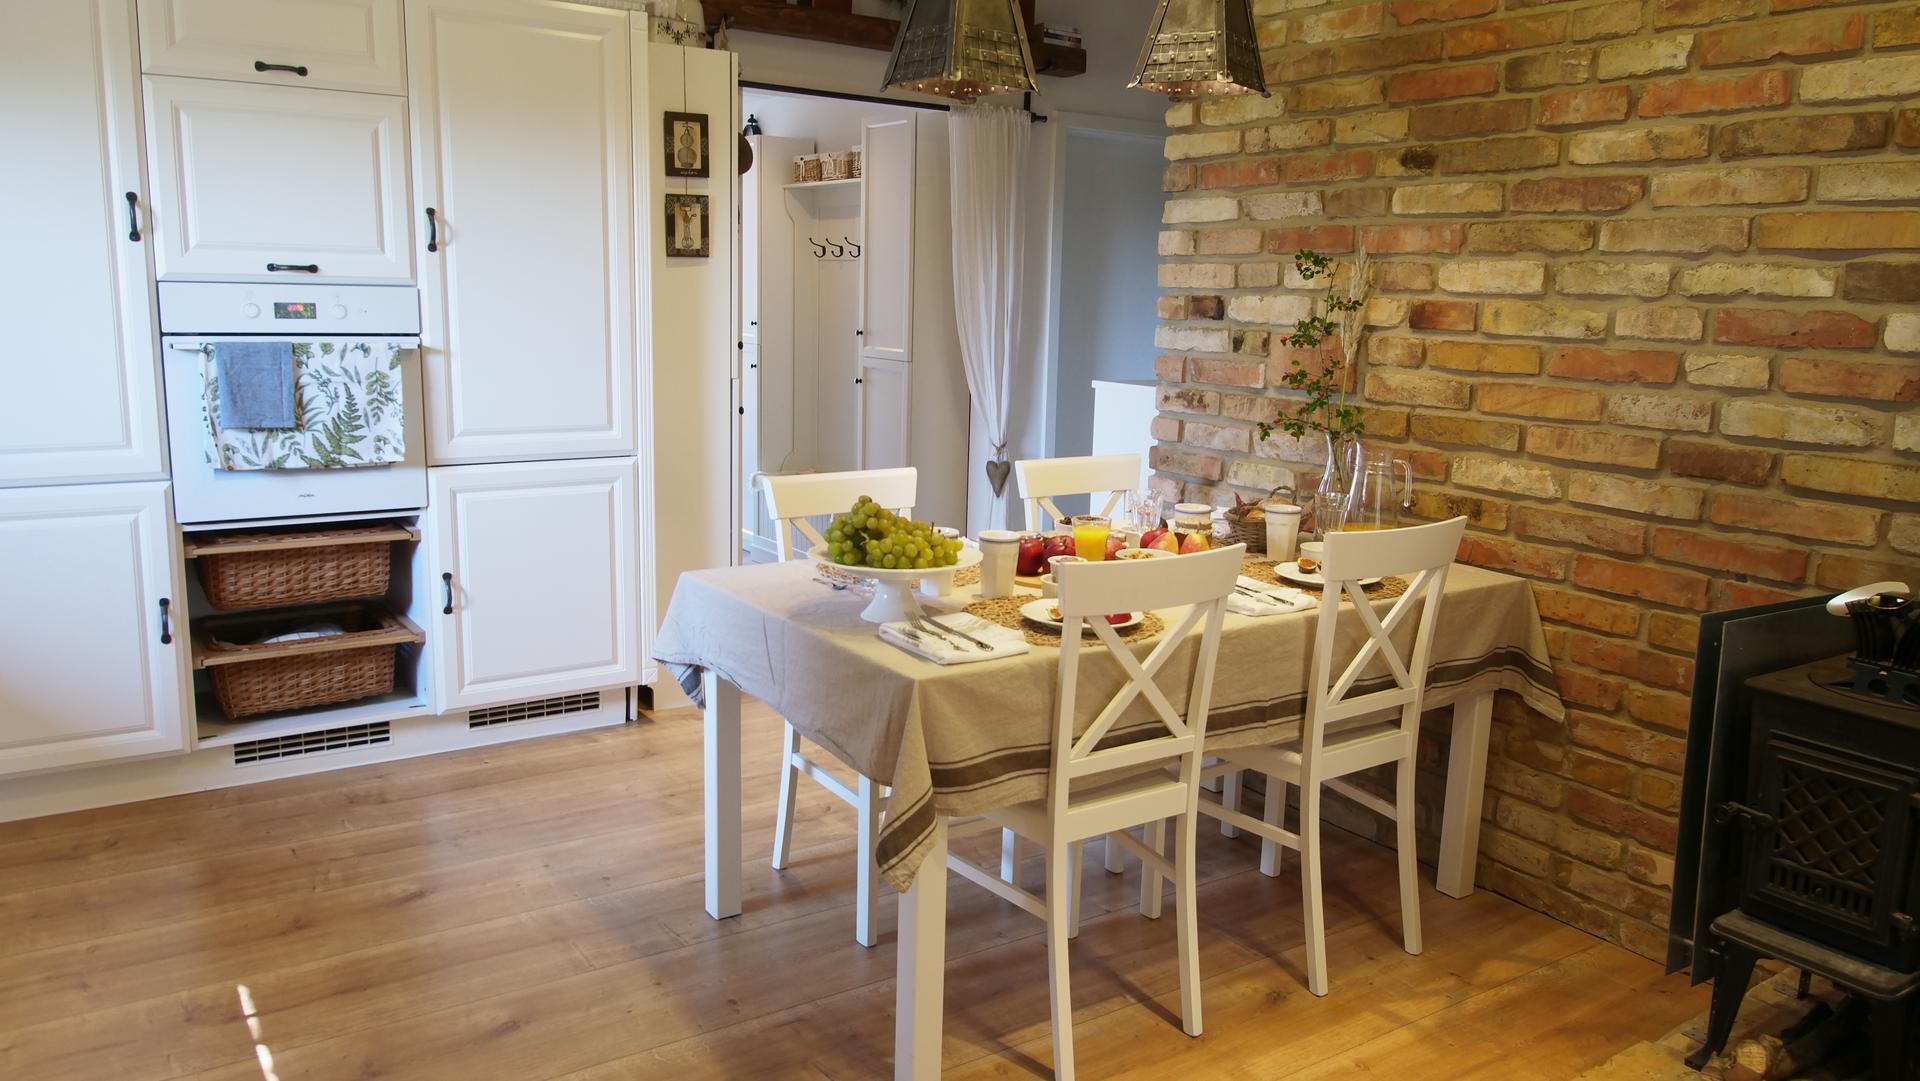 Náš domček ♡ Bramasole ♡ ... Stilo interiér aj exteriér 4. rok bývania - Obrázok č. 183